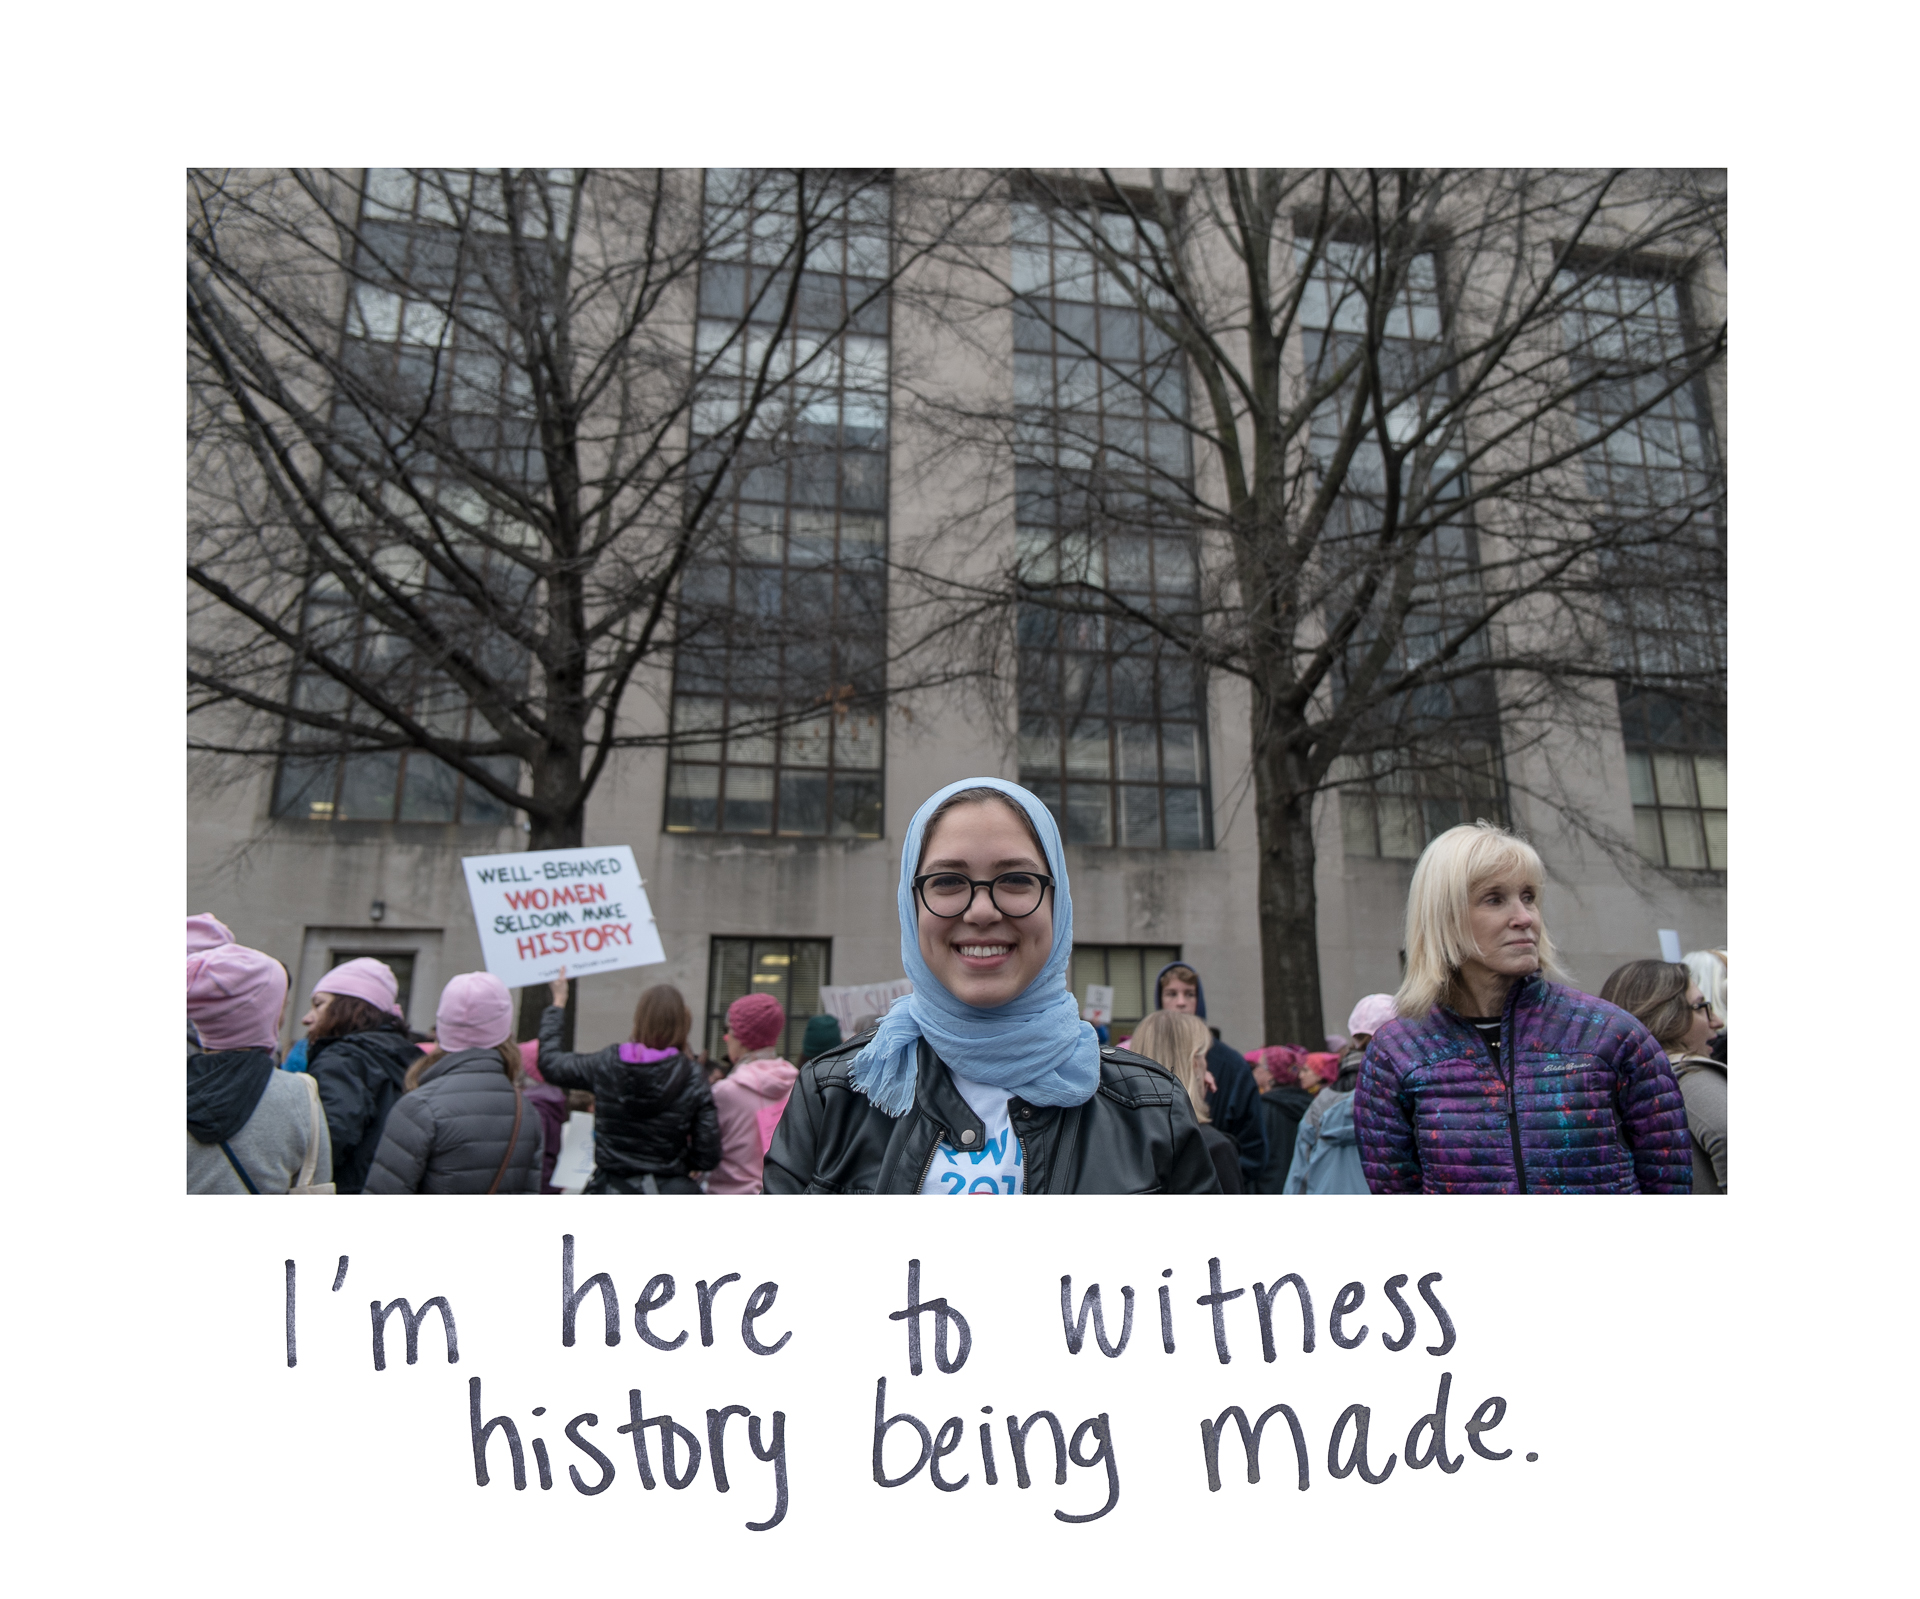 Women's March on Washington / Marche des femmes sur Washington